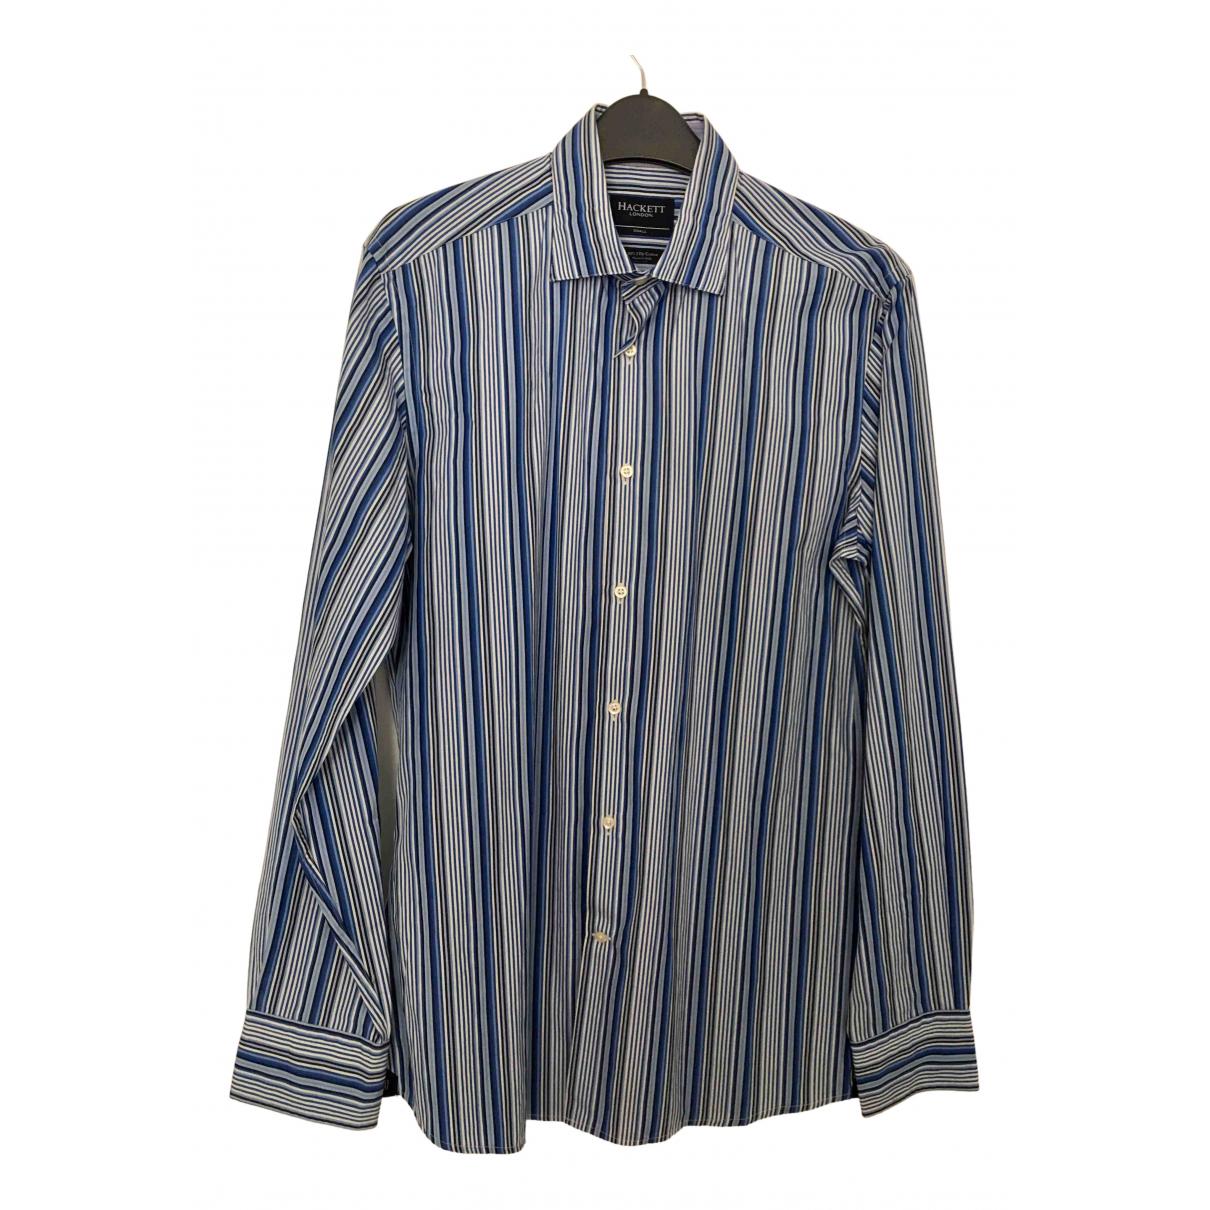 Hackett London - Chemises   pour homme en coton - bleu